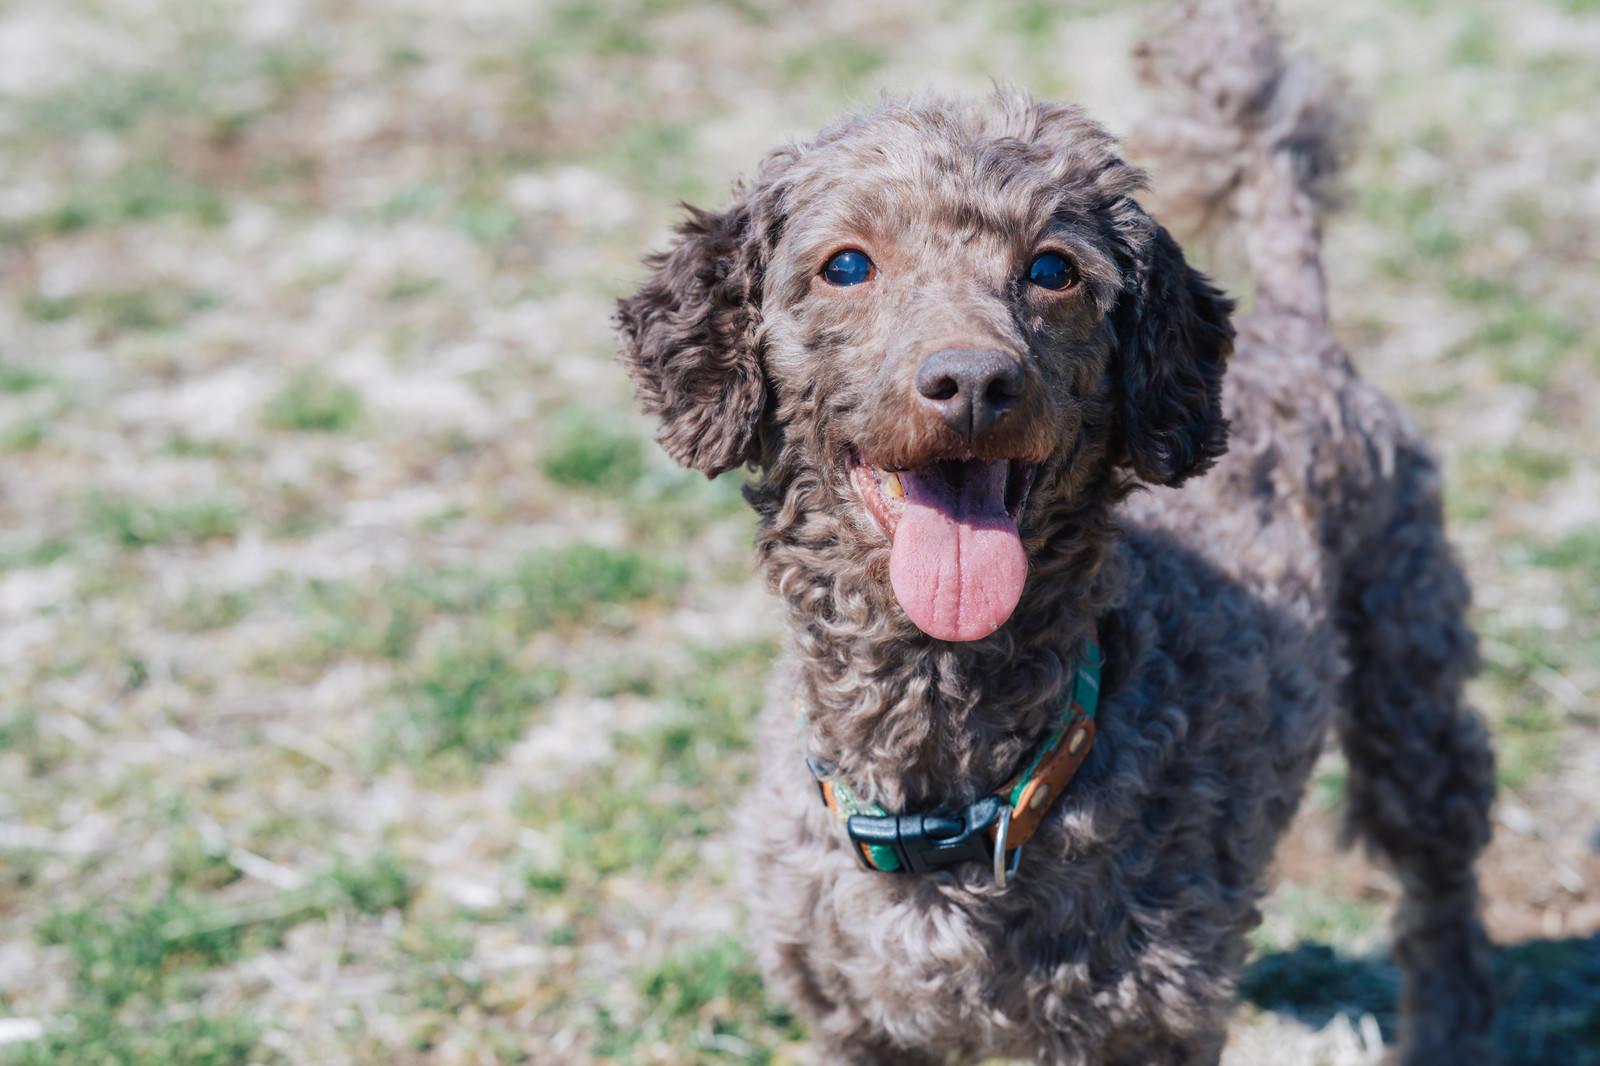 「つぶらな瞳で飼い主を見つめる犬つぶらな瞳で飼い主を見つめる犬」のフリー写真素材を拡大